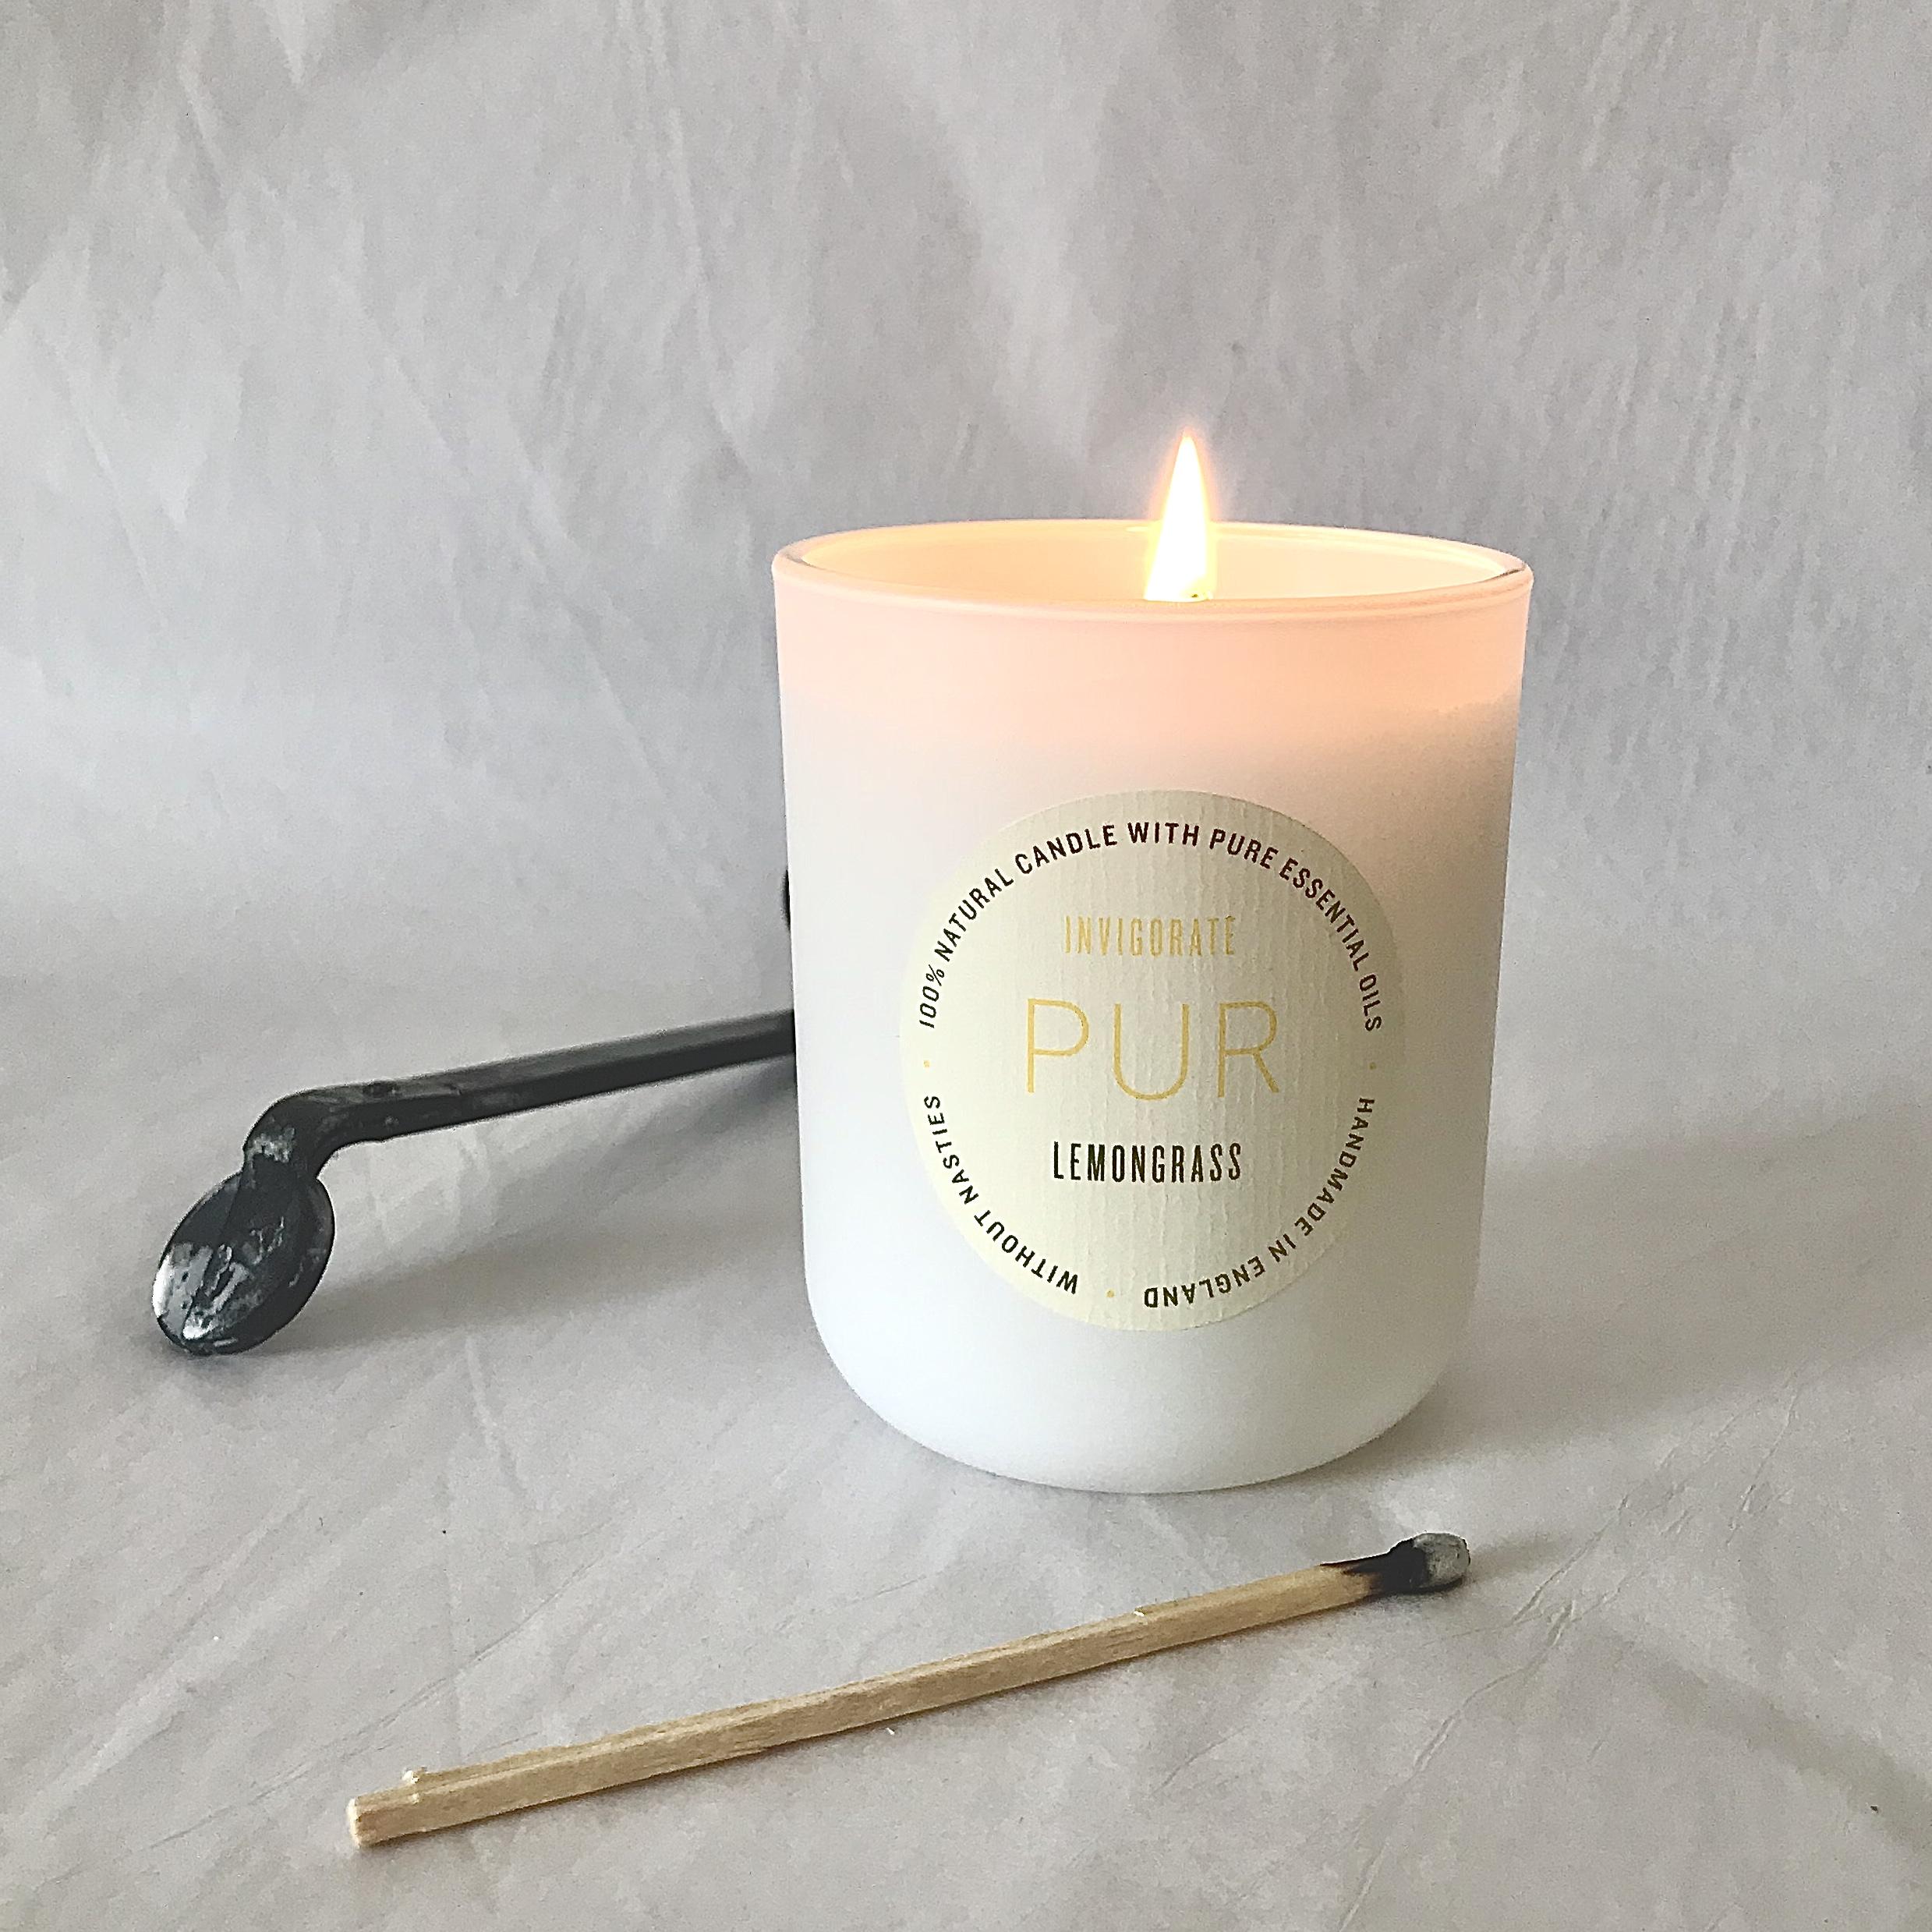 INVIGORATE 1 Wick Candle